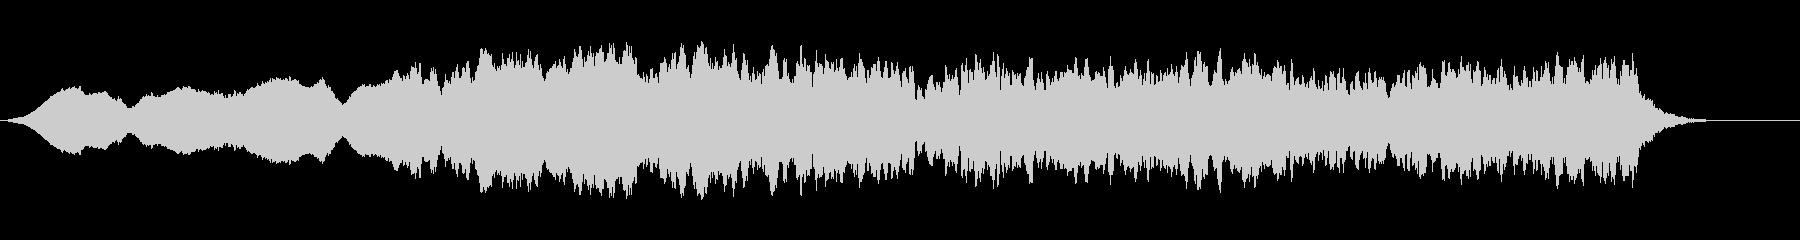 異世界1ホラー環境音の未再生の波形